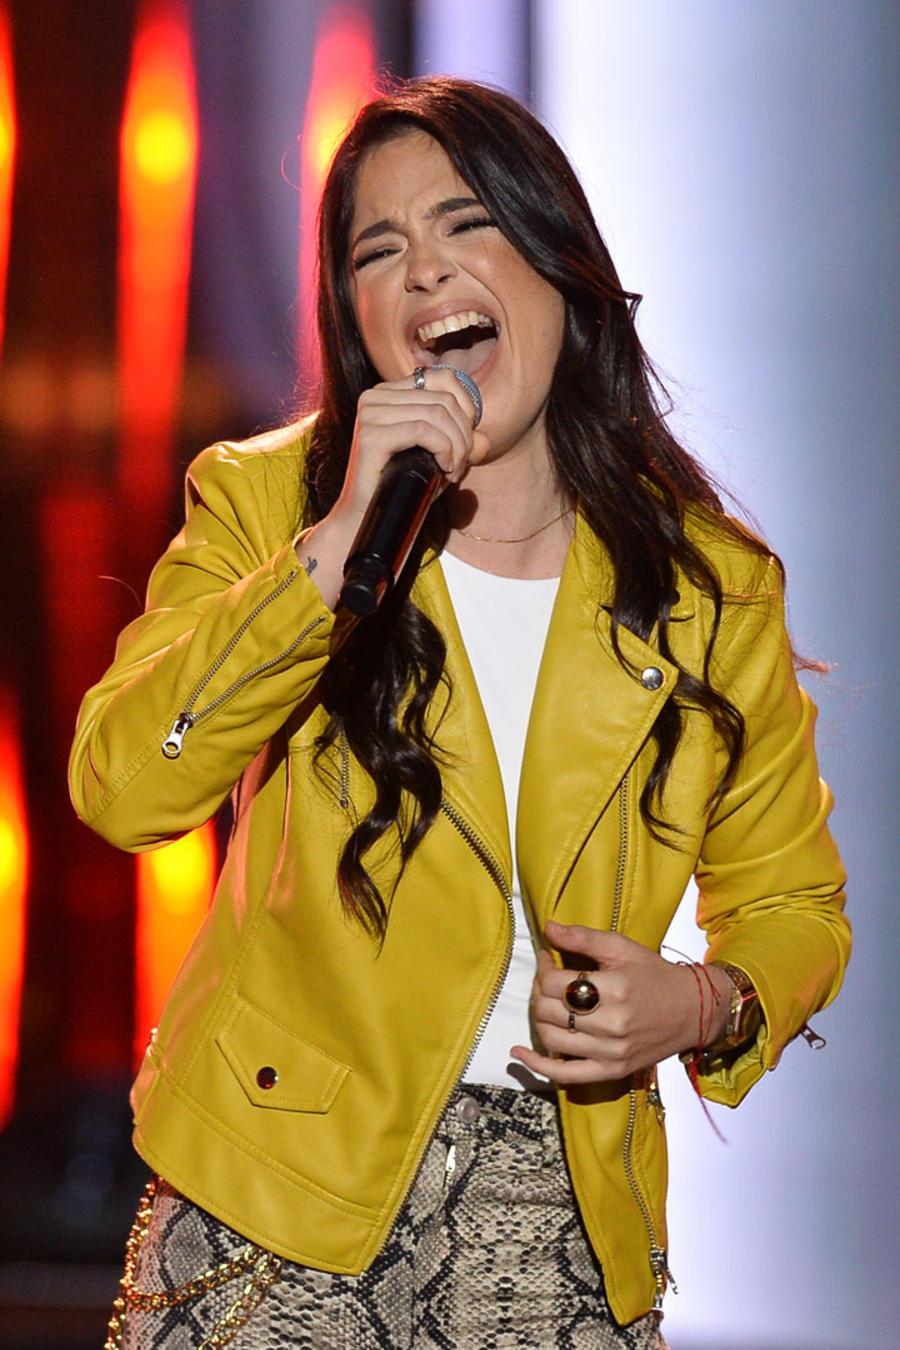 Diana Sofia Chiriboga en las audiciones a ciegas La Voz US 2